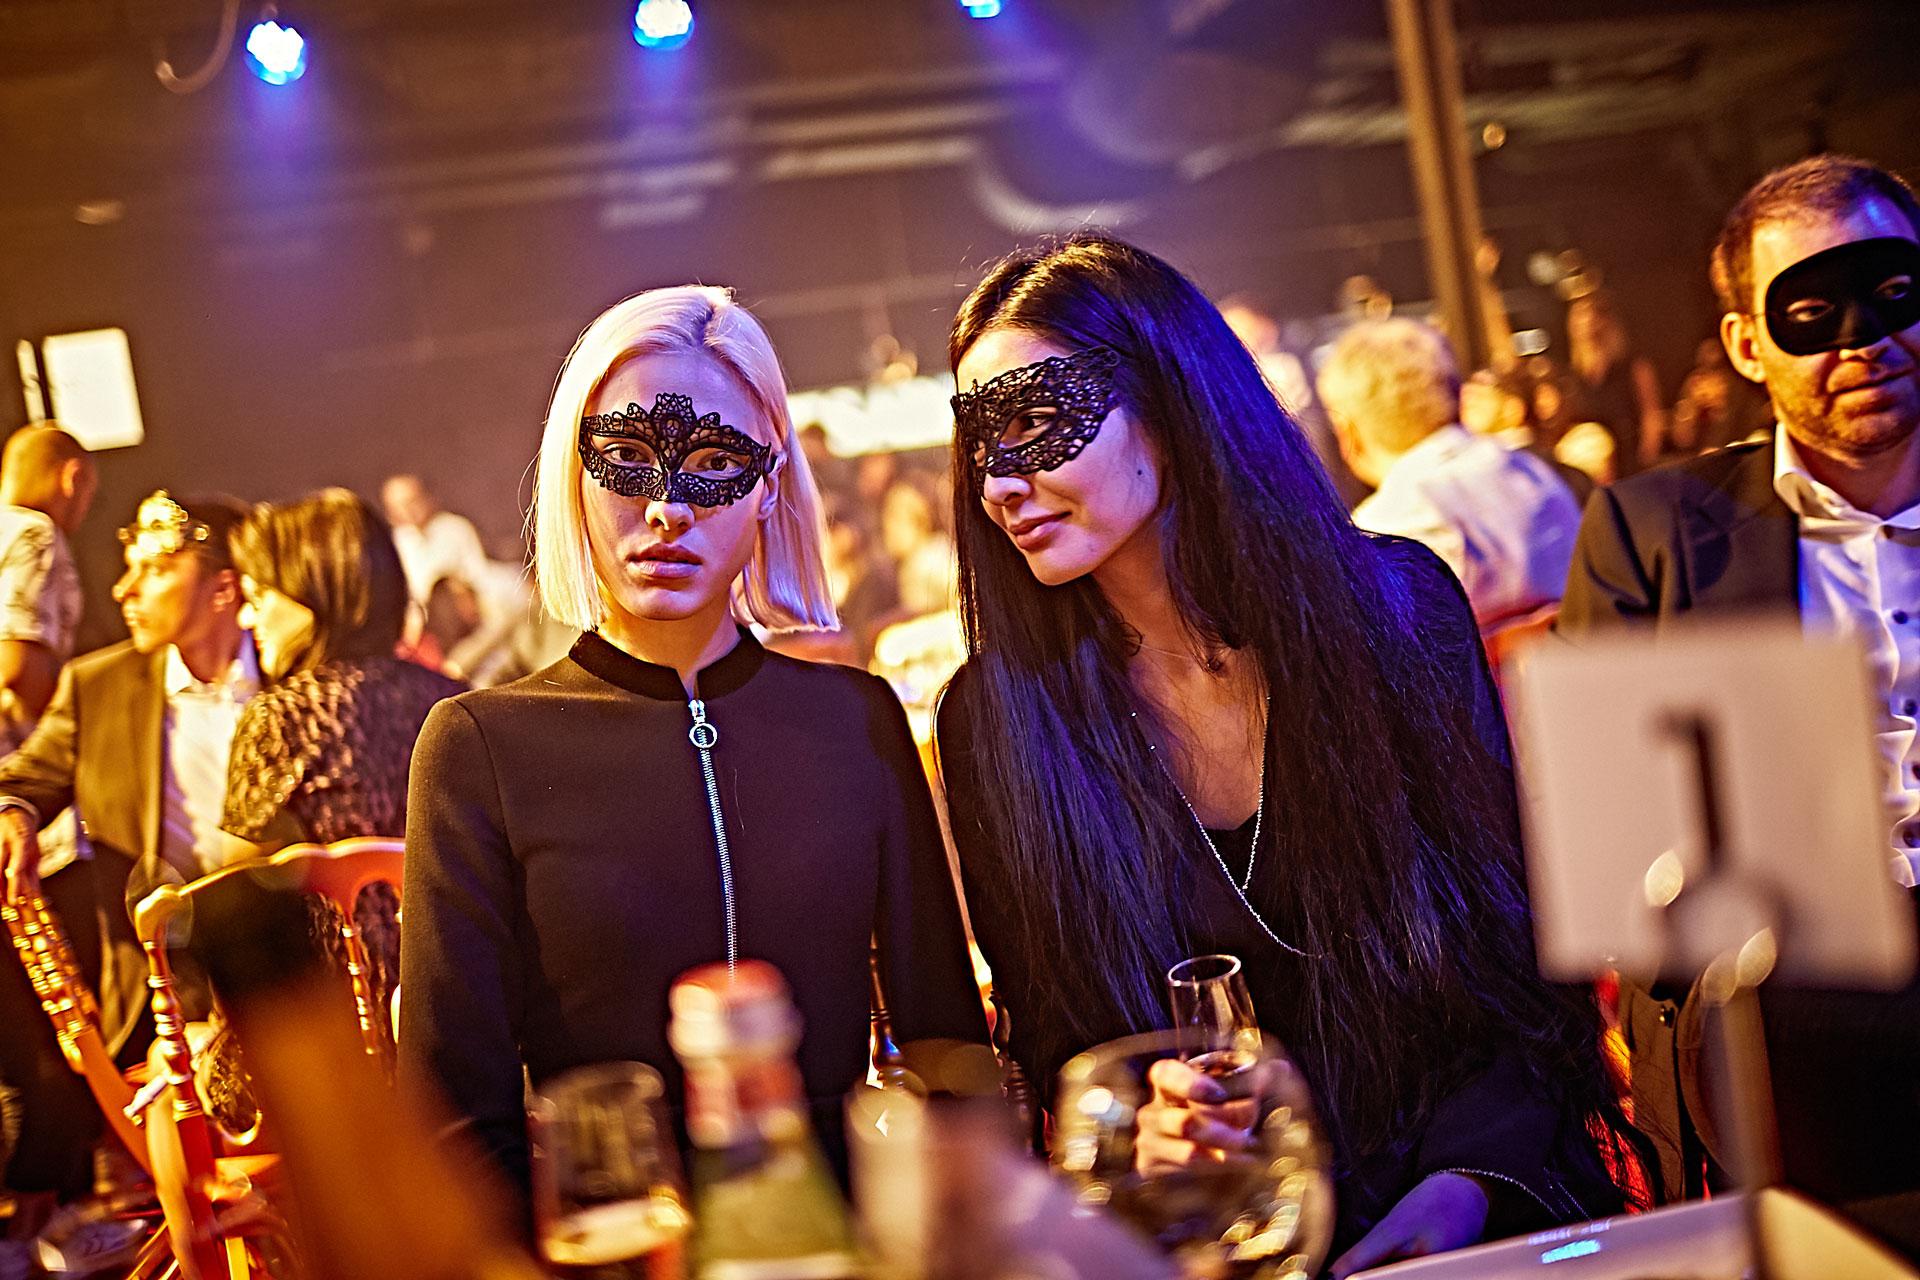 Вечеринки в закрытых женских клубах кто был клубы стриптиз полный